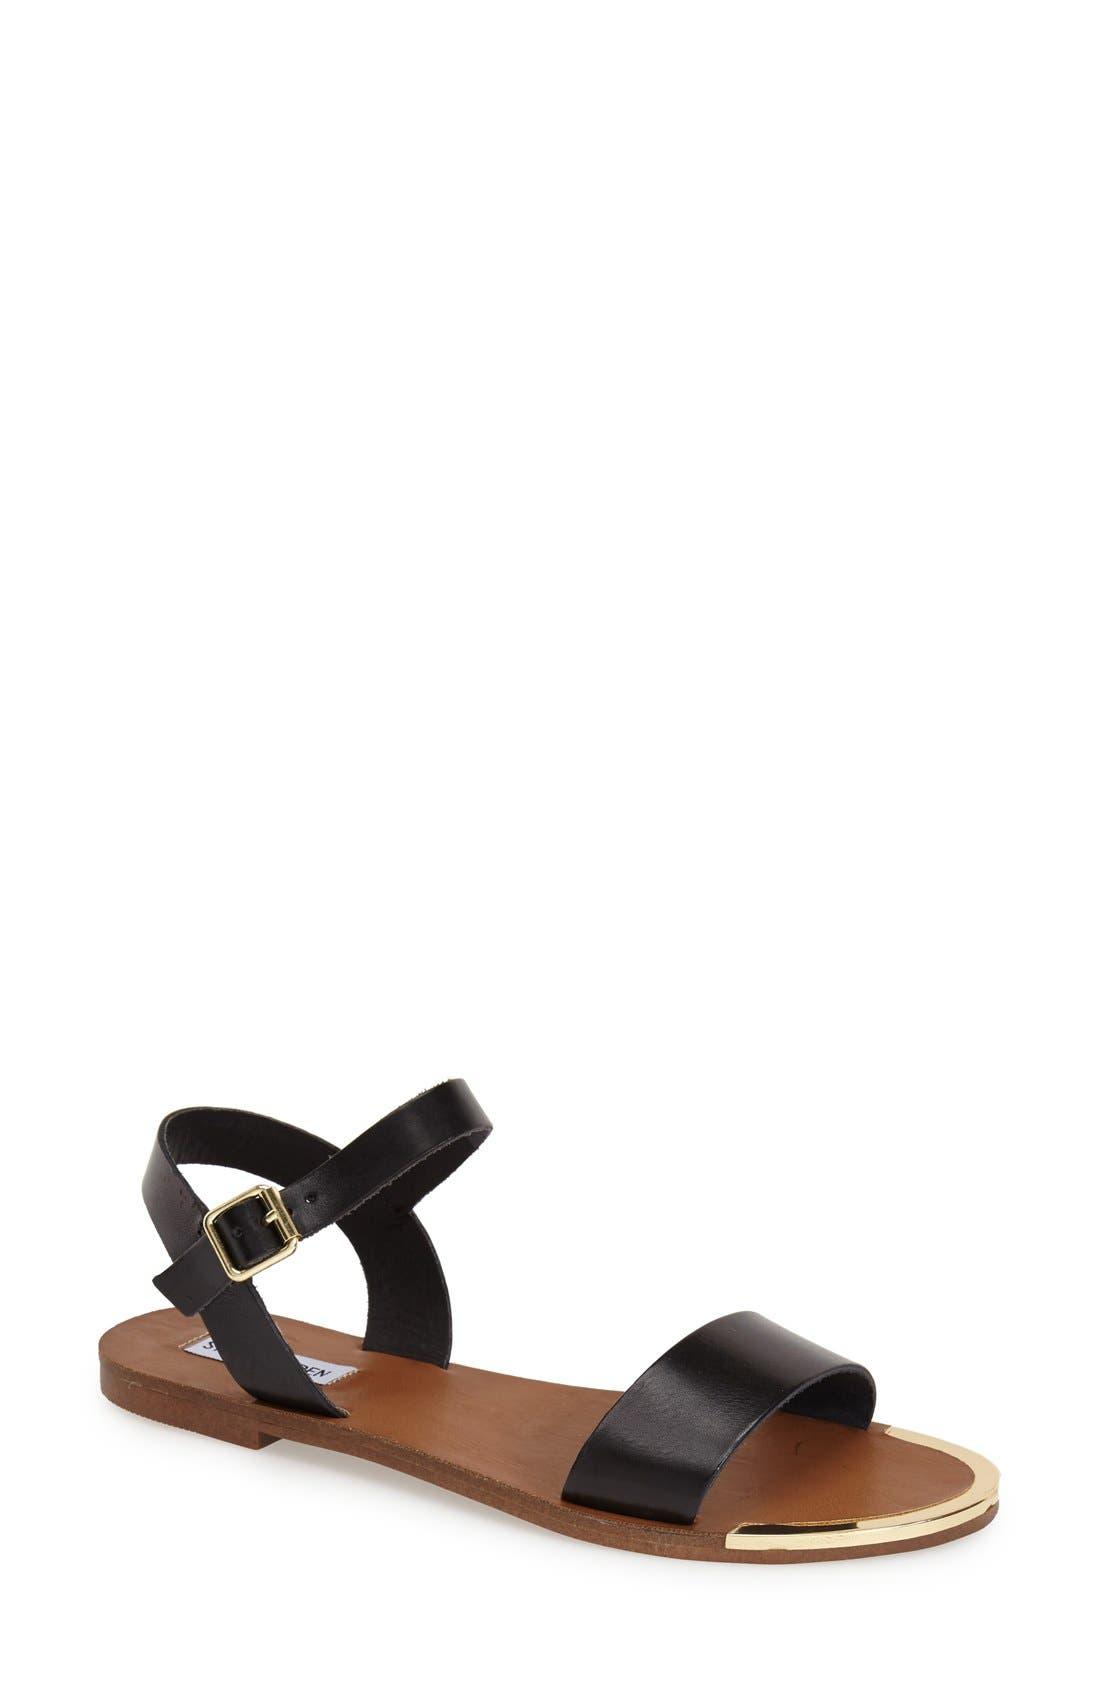 STEVE MADDEN 'Rillie' Two Strap Sandal, Main, color, 001